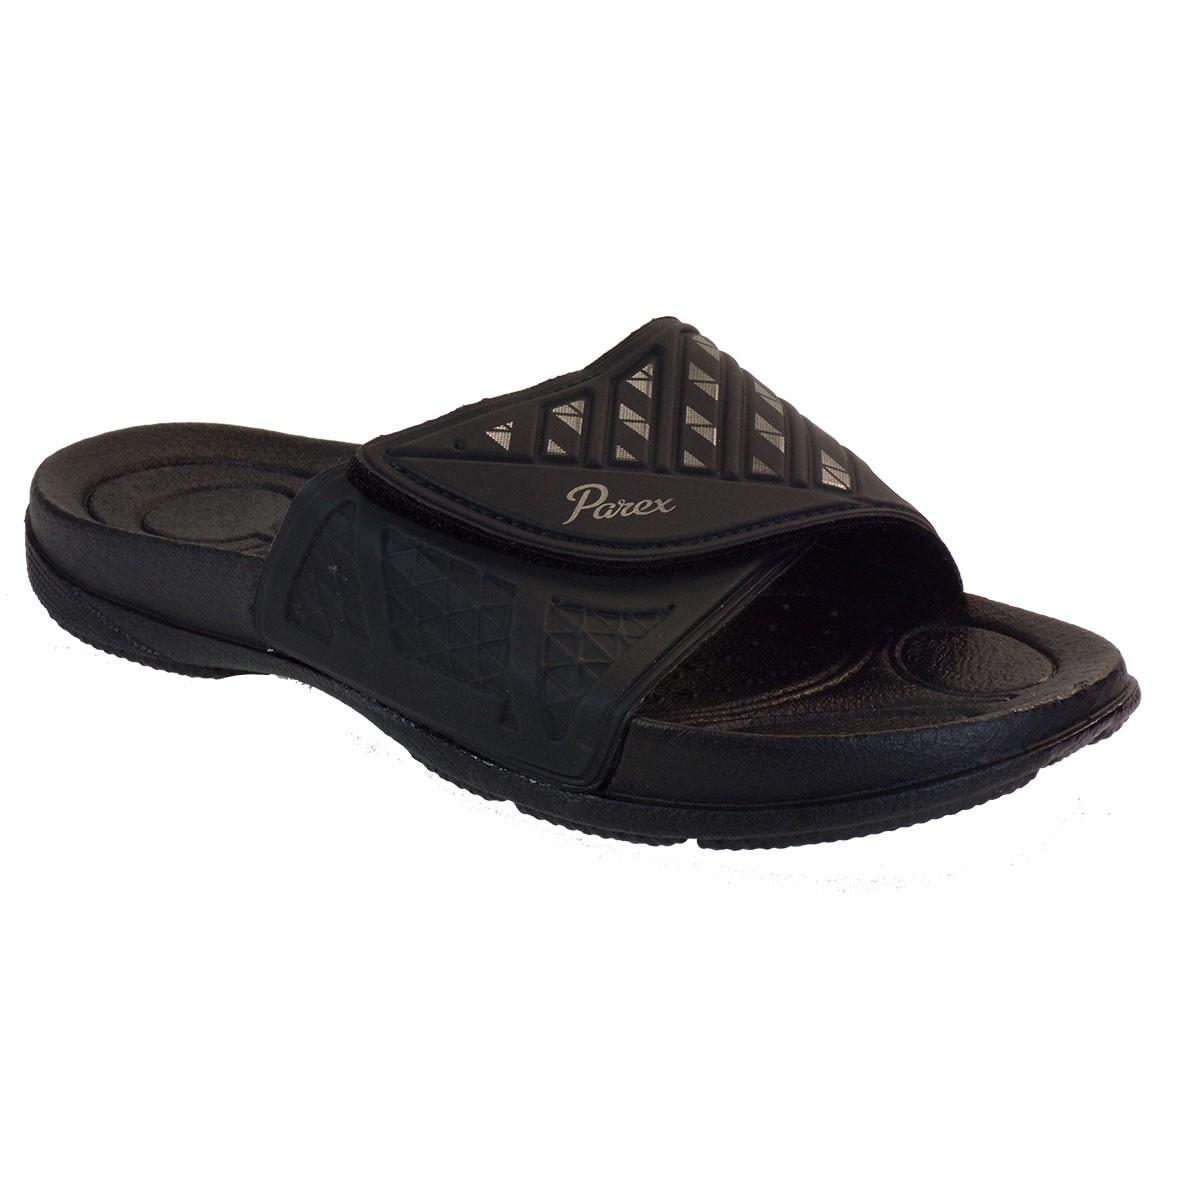 Parex Ανδρικές Παντόφλες 11821051.Β Μαύρο